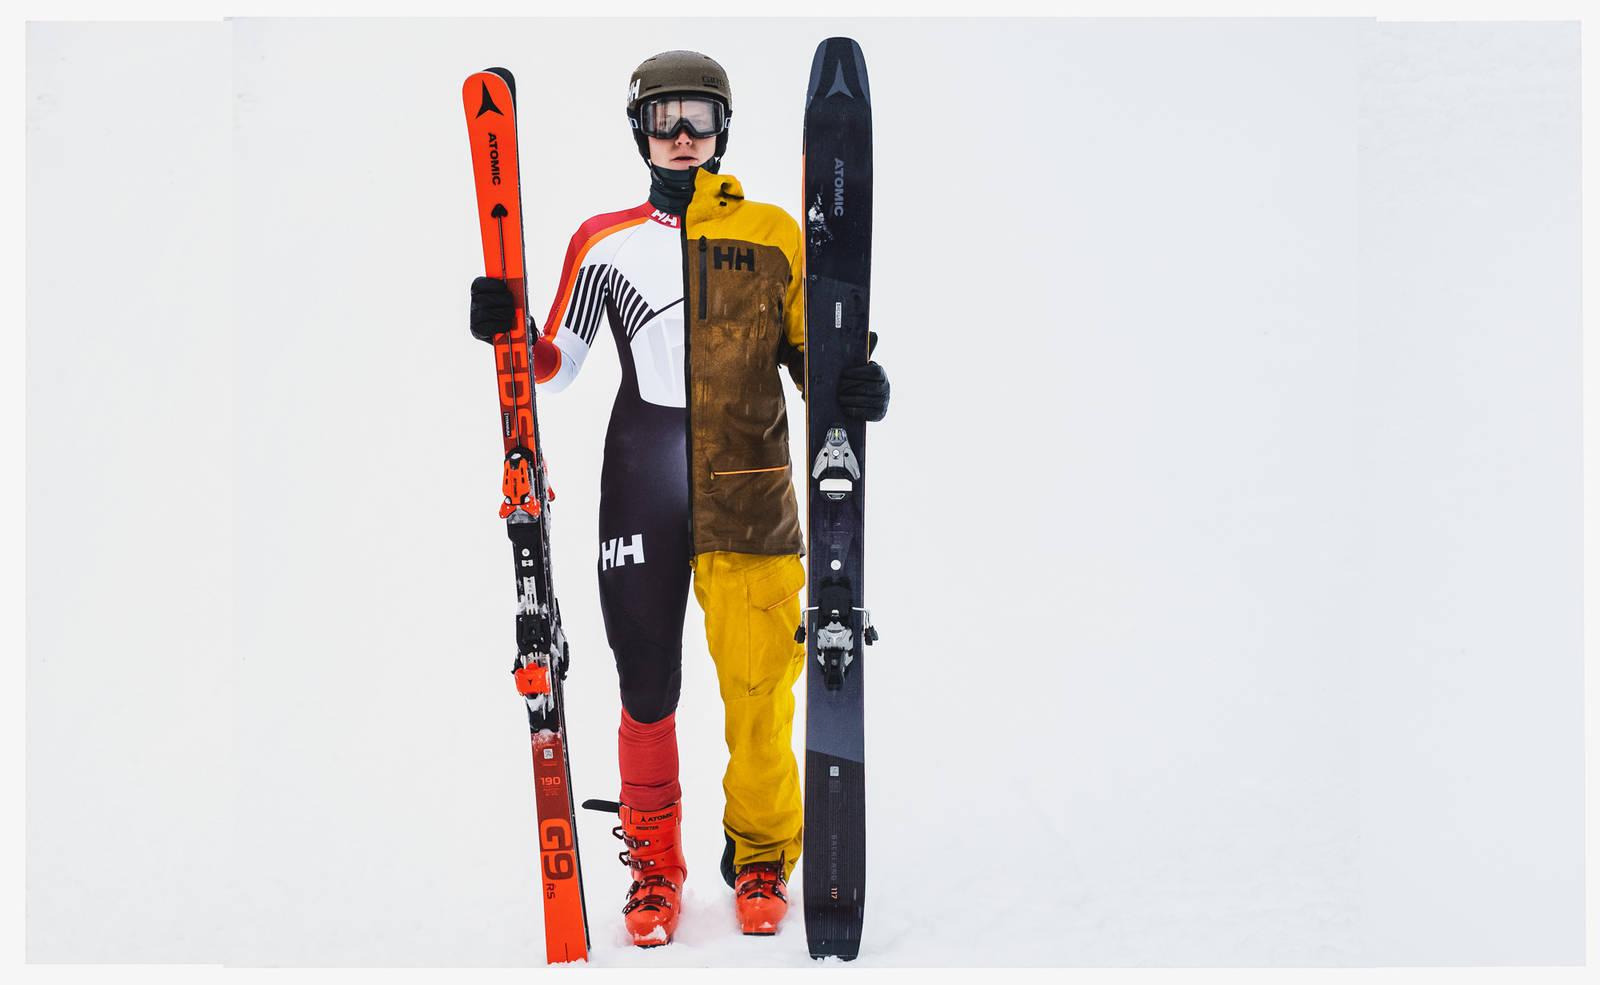 Overføringsverdi fra frikjøring til alpint